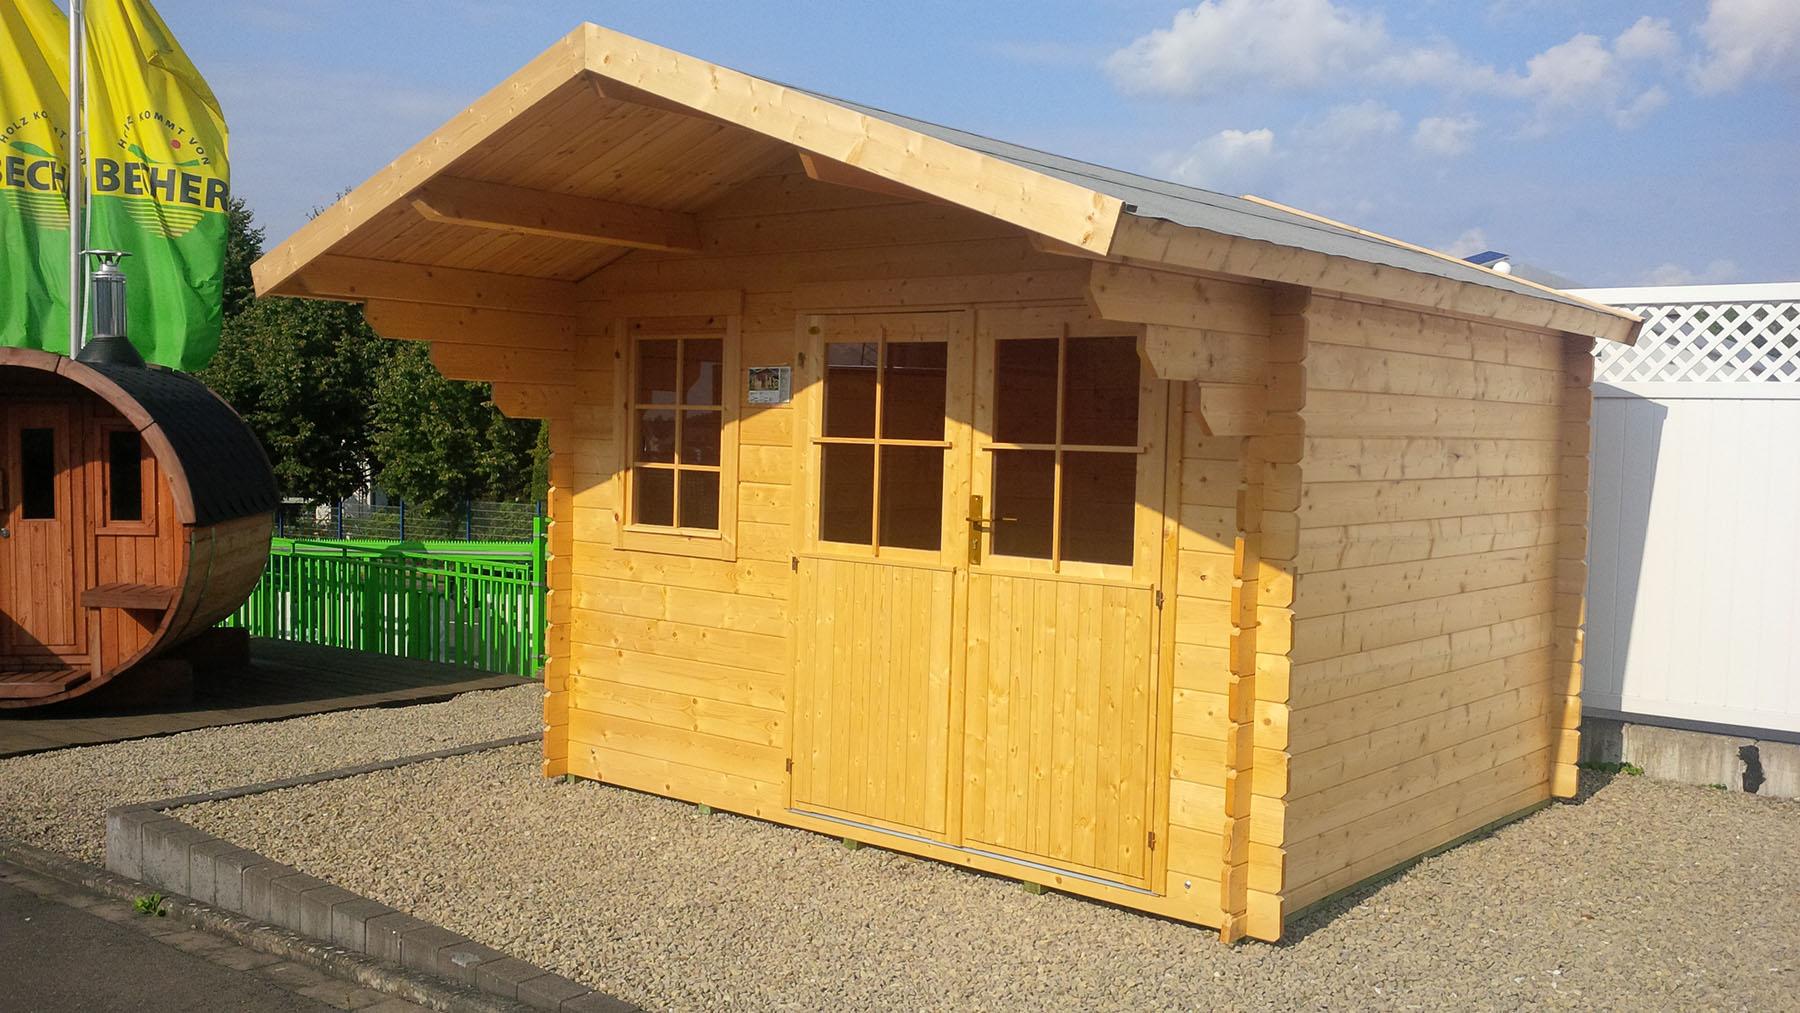 Holz Becher Bitburg : impressionen von becher in bitburg holzhandel becher ~ Heinz-duthel.com Haus und Dekorationen